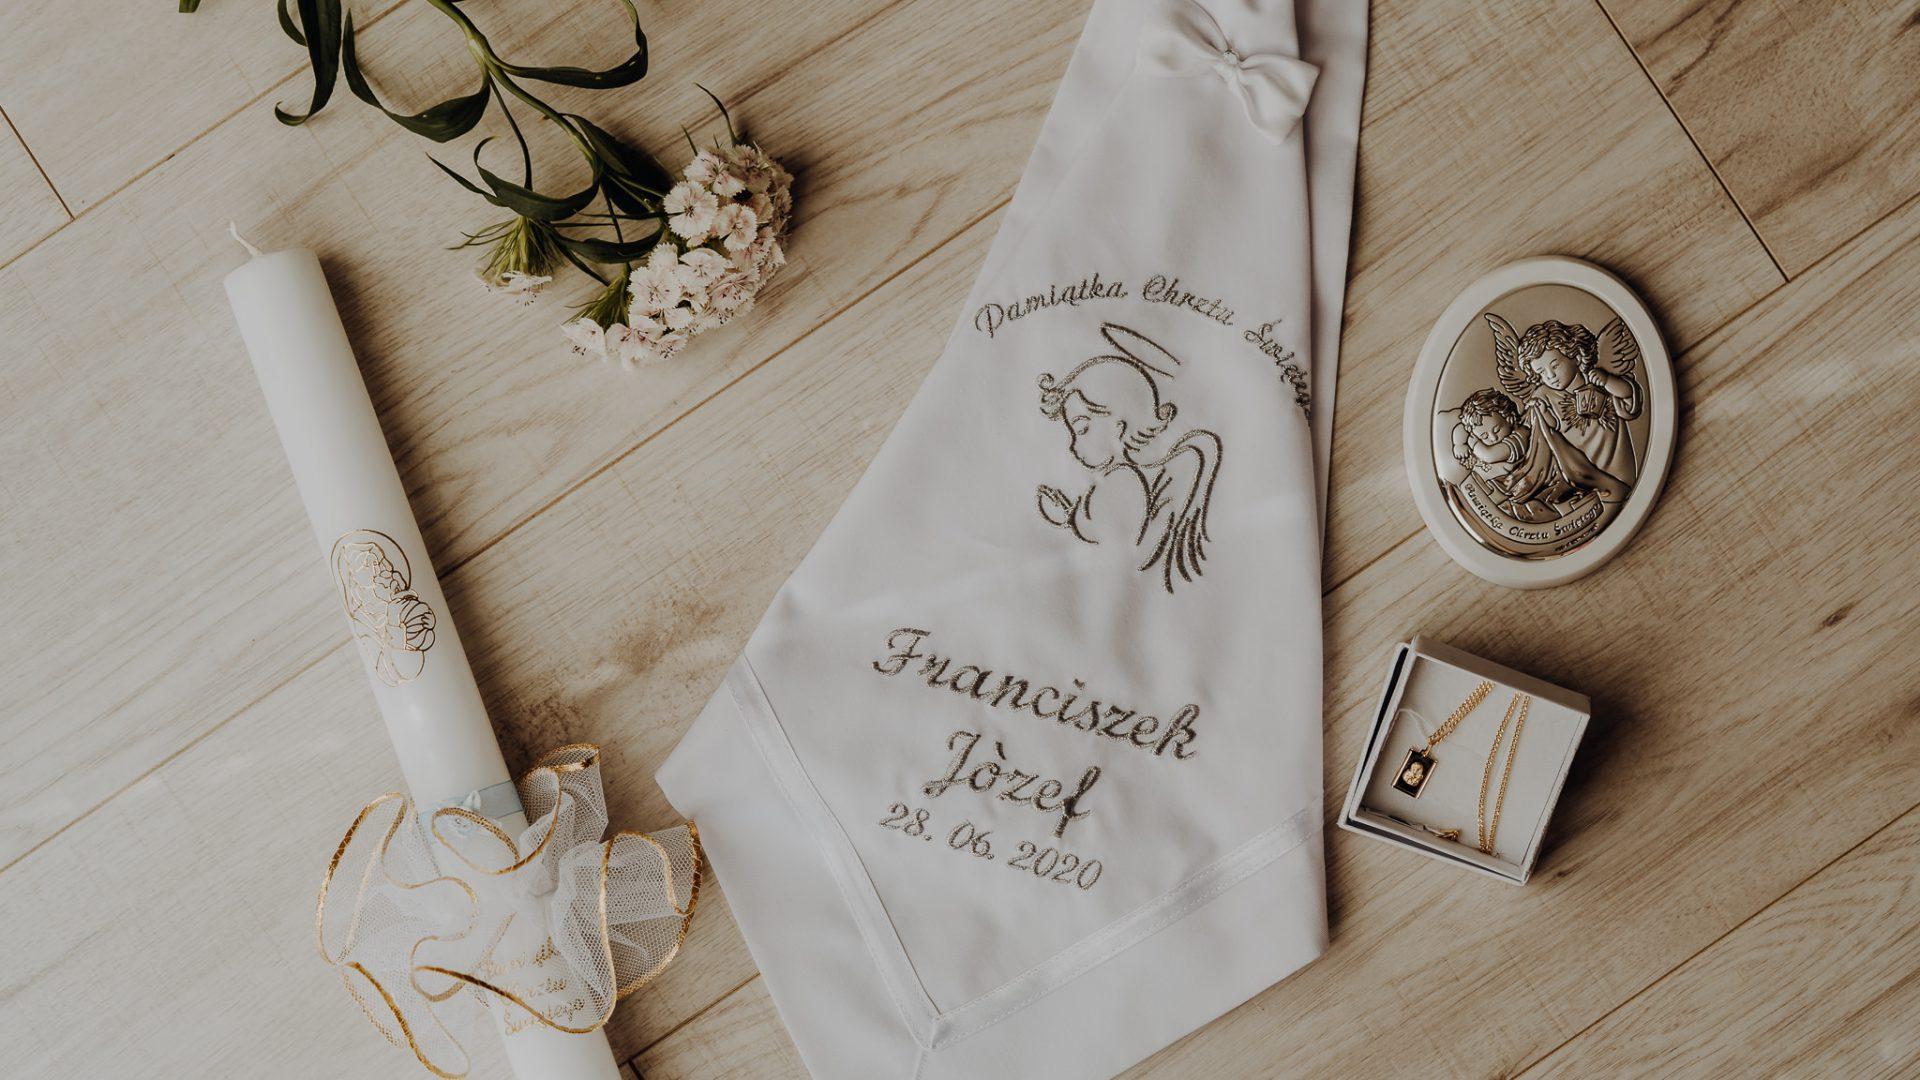 reportaż z chrztu św. Białystok - detale chrztu świętego, świeca, medalik oraz piękny obrazek